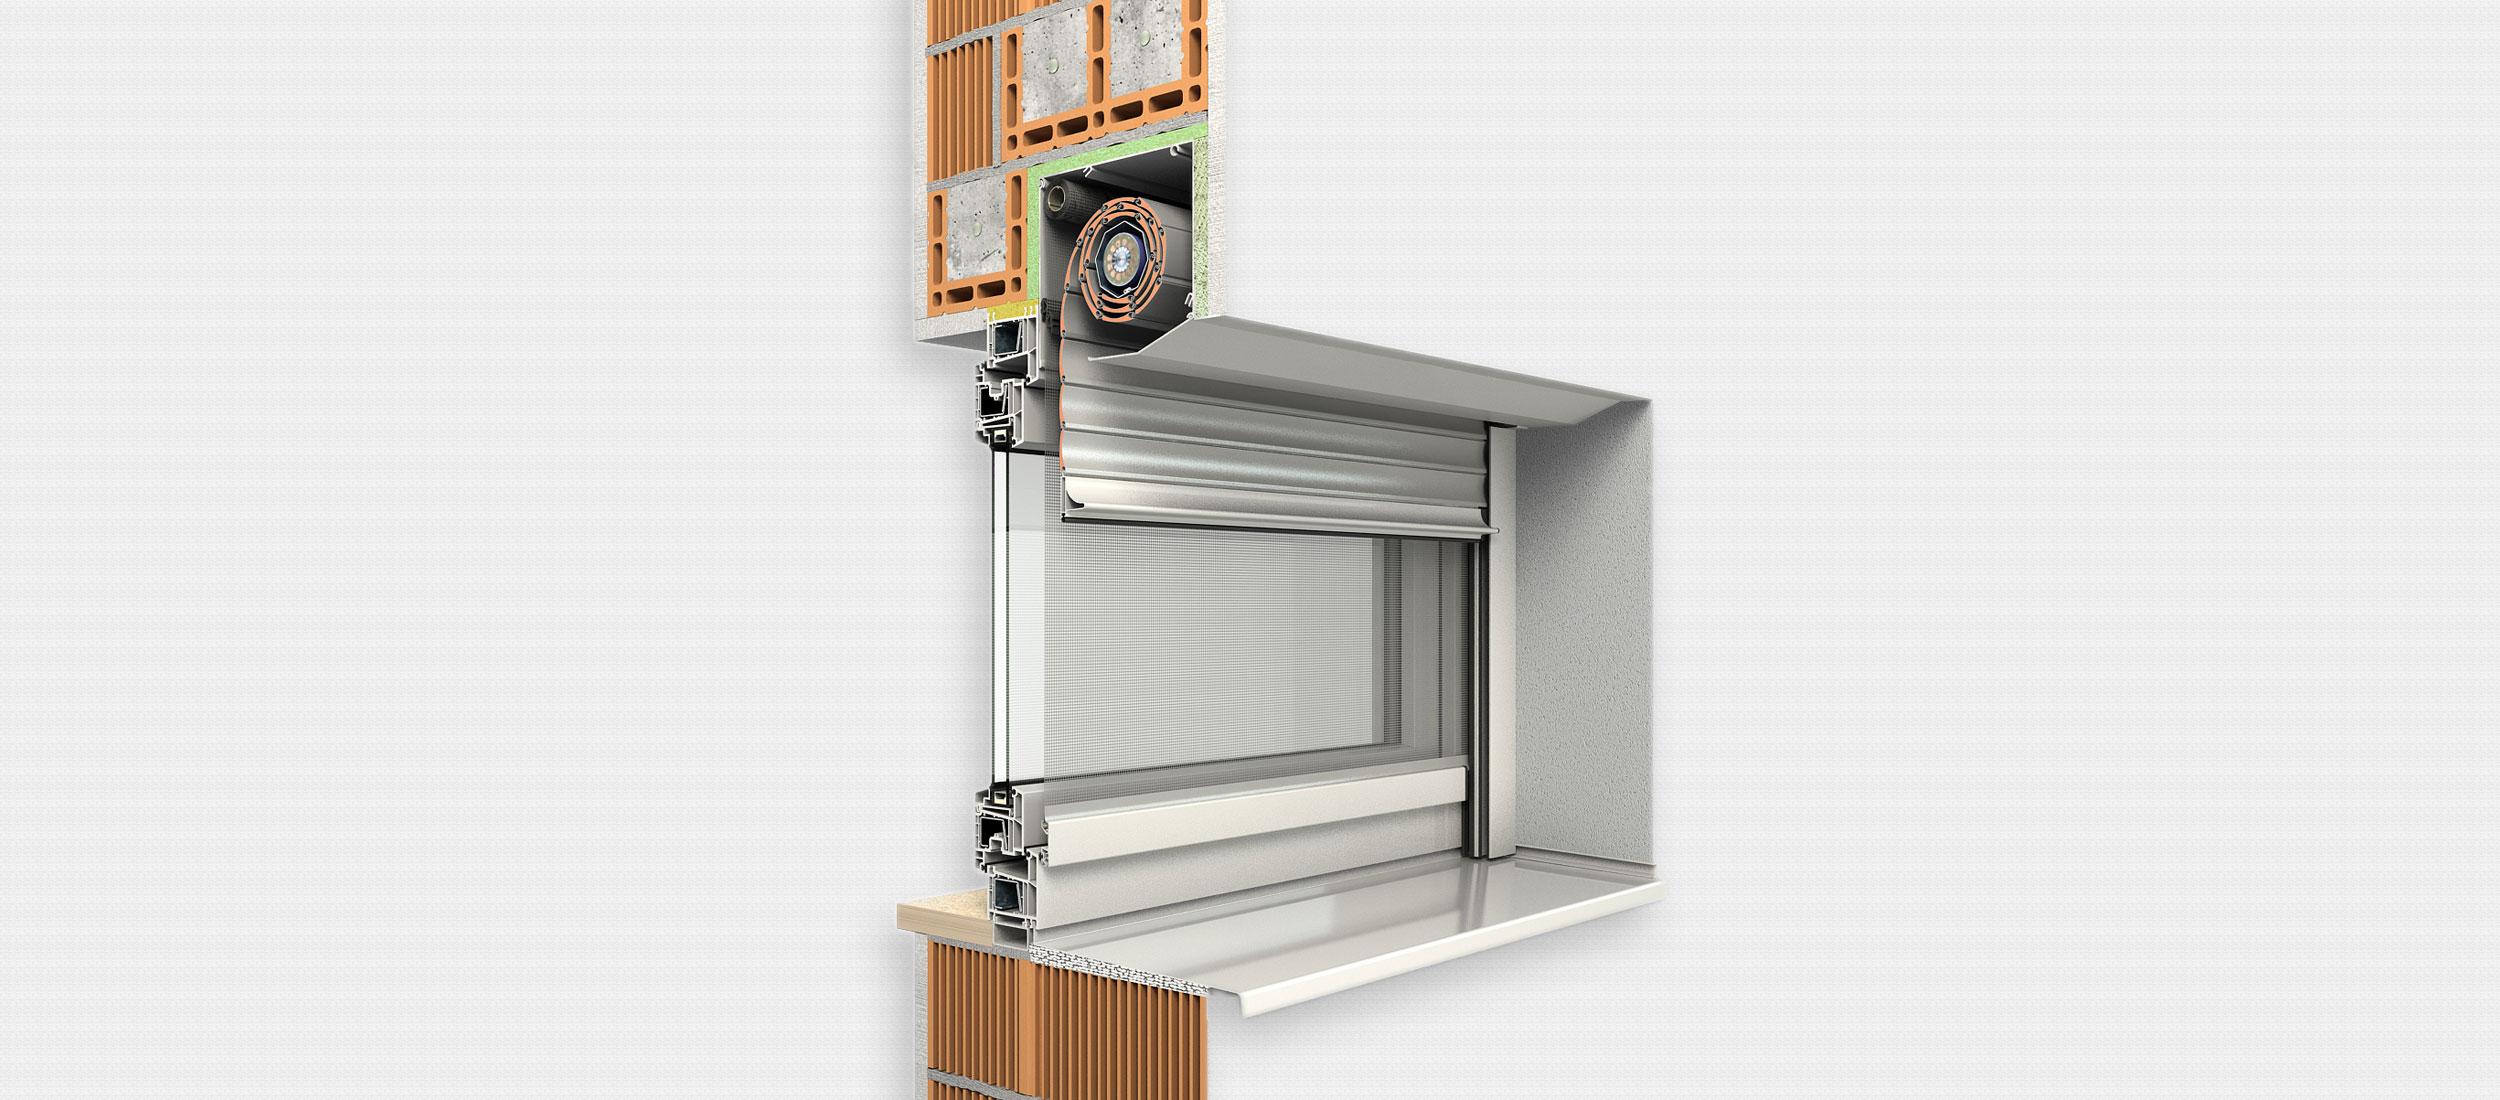 Sichtschutz HeKa Rollladen